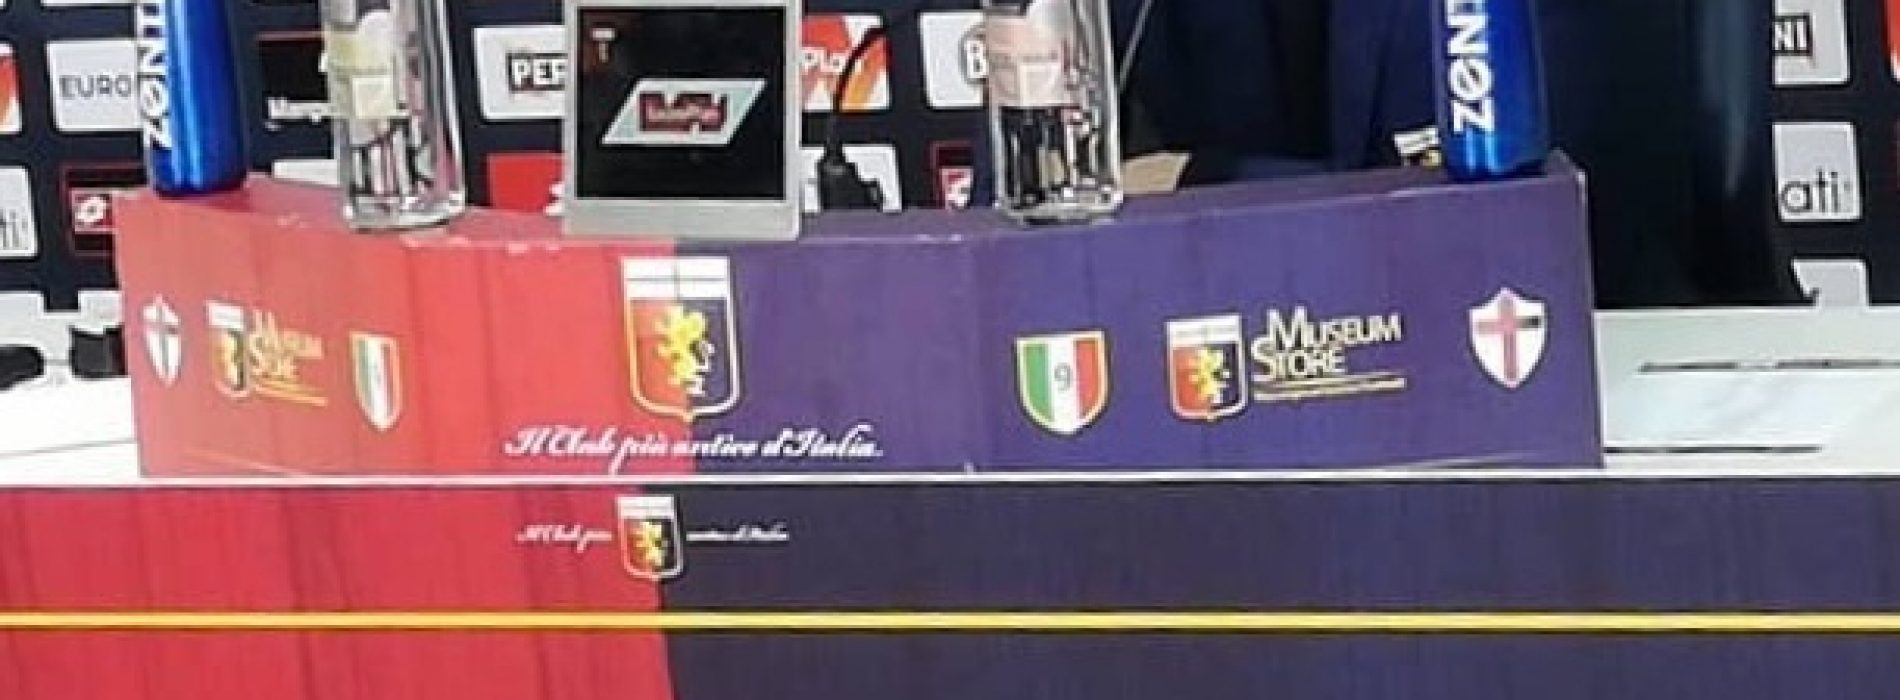 Stadio EC, Sampdoria Genoa: 2-0, Grifone deludente